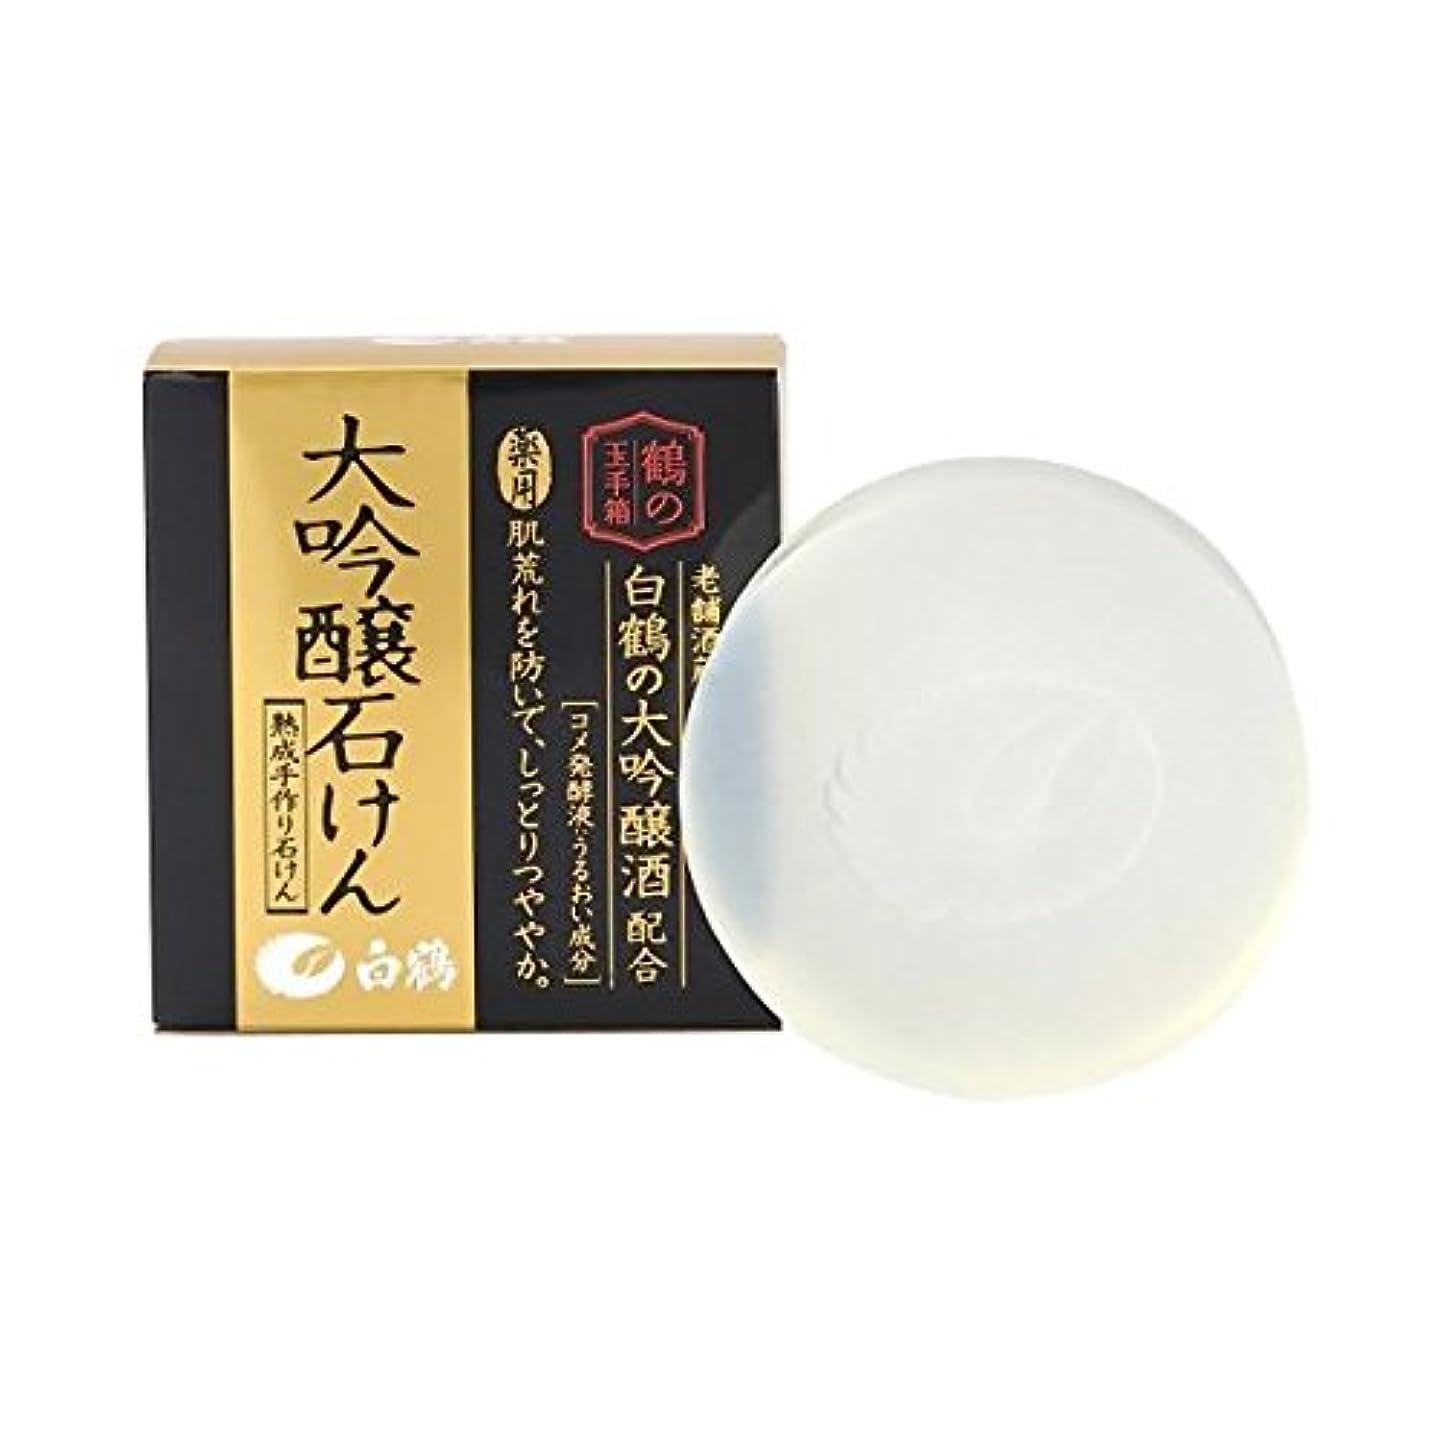 赤面つまらないレンダー白鶴 鶴の玉手箱 大吟醸石けん 100g × 3個 (薬用)(医薬部外品)